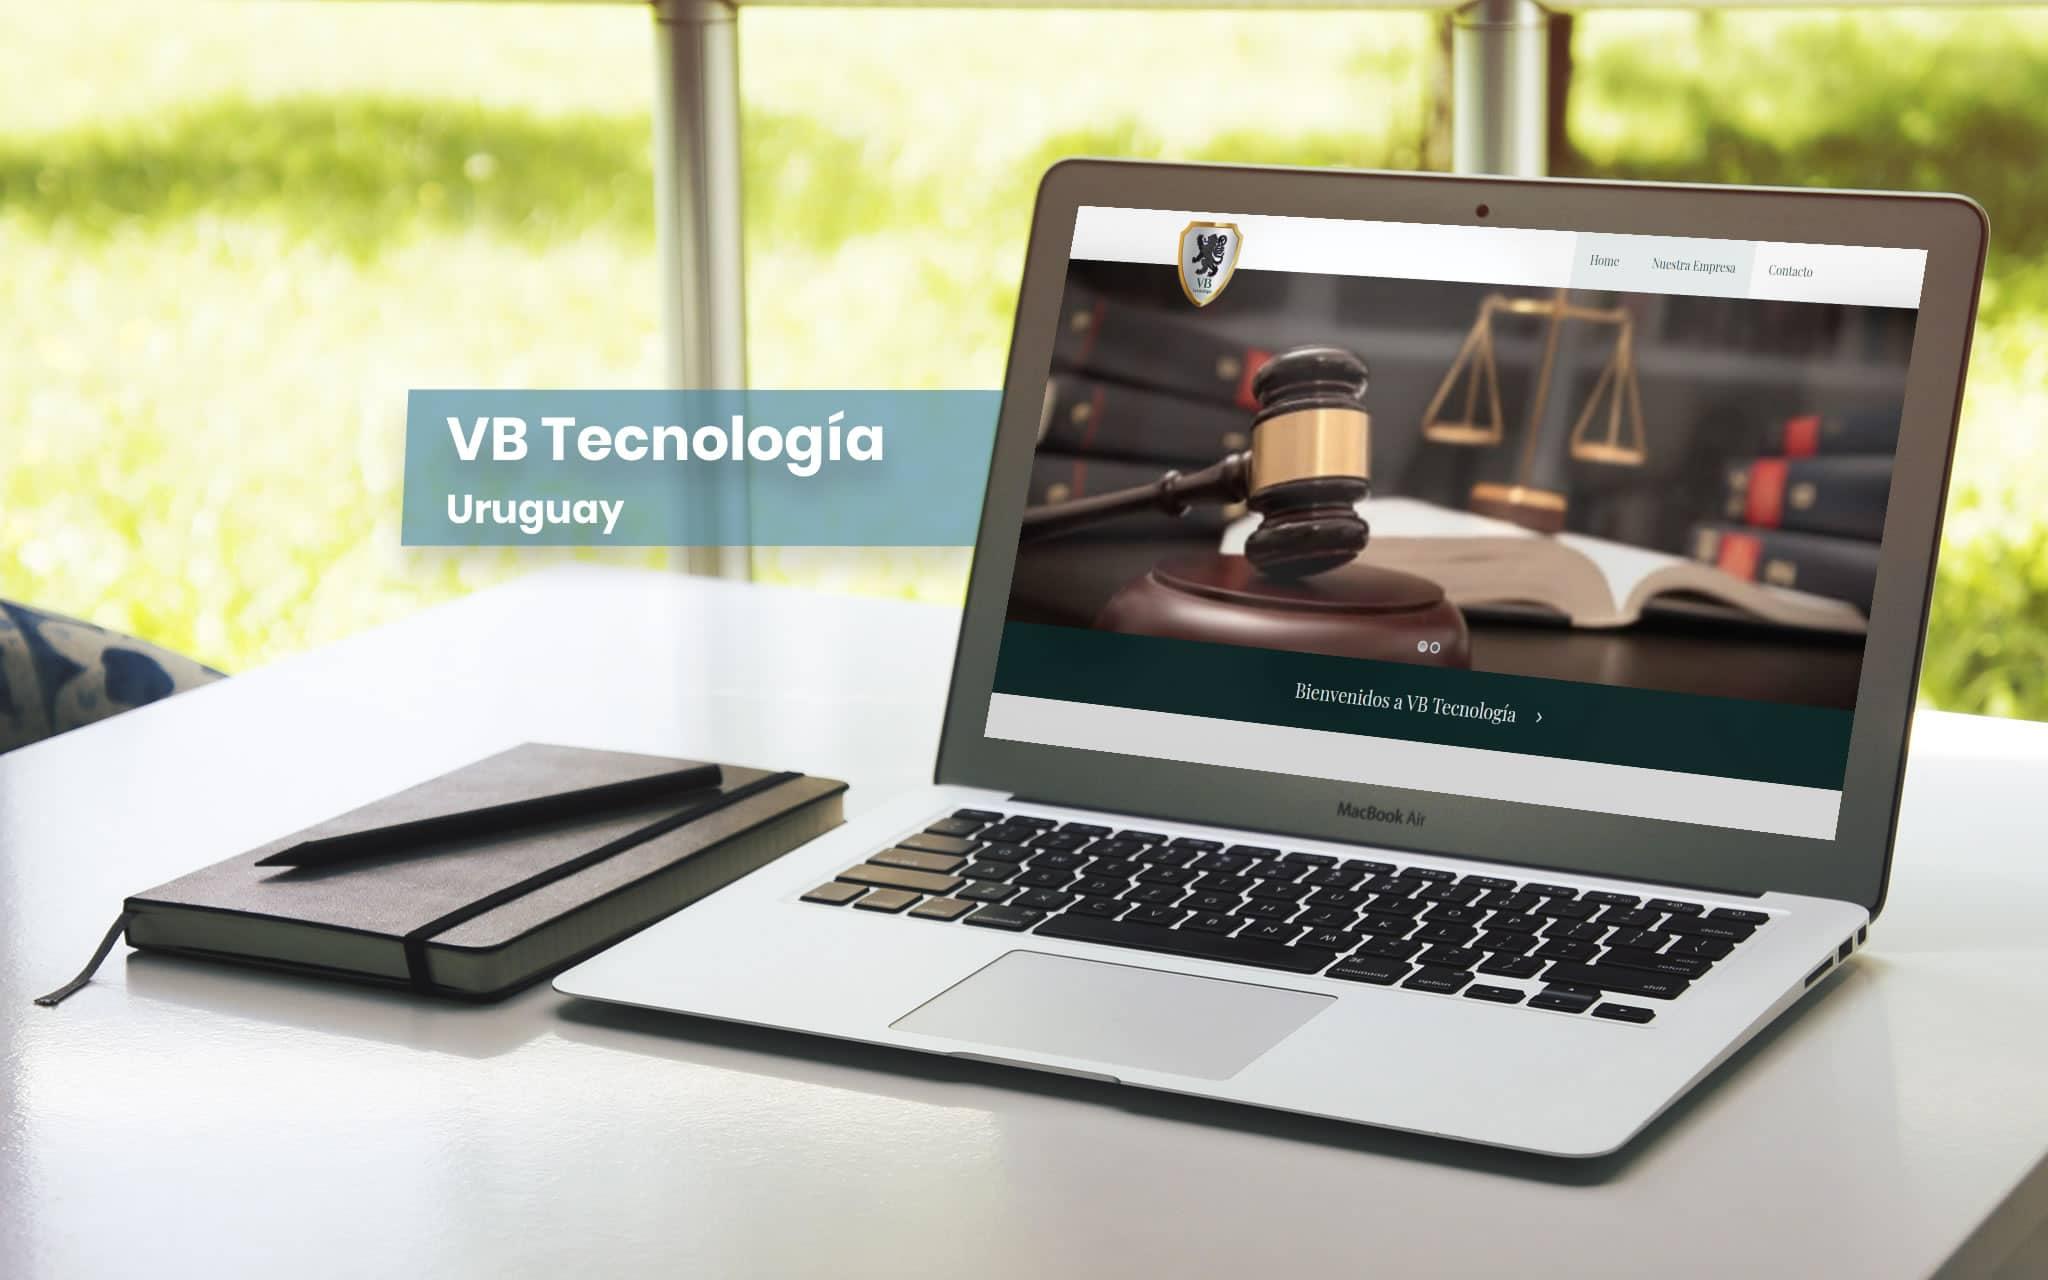 VB Tecnología - Uruguay